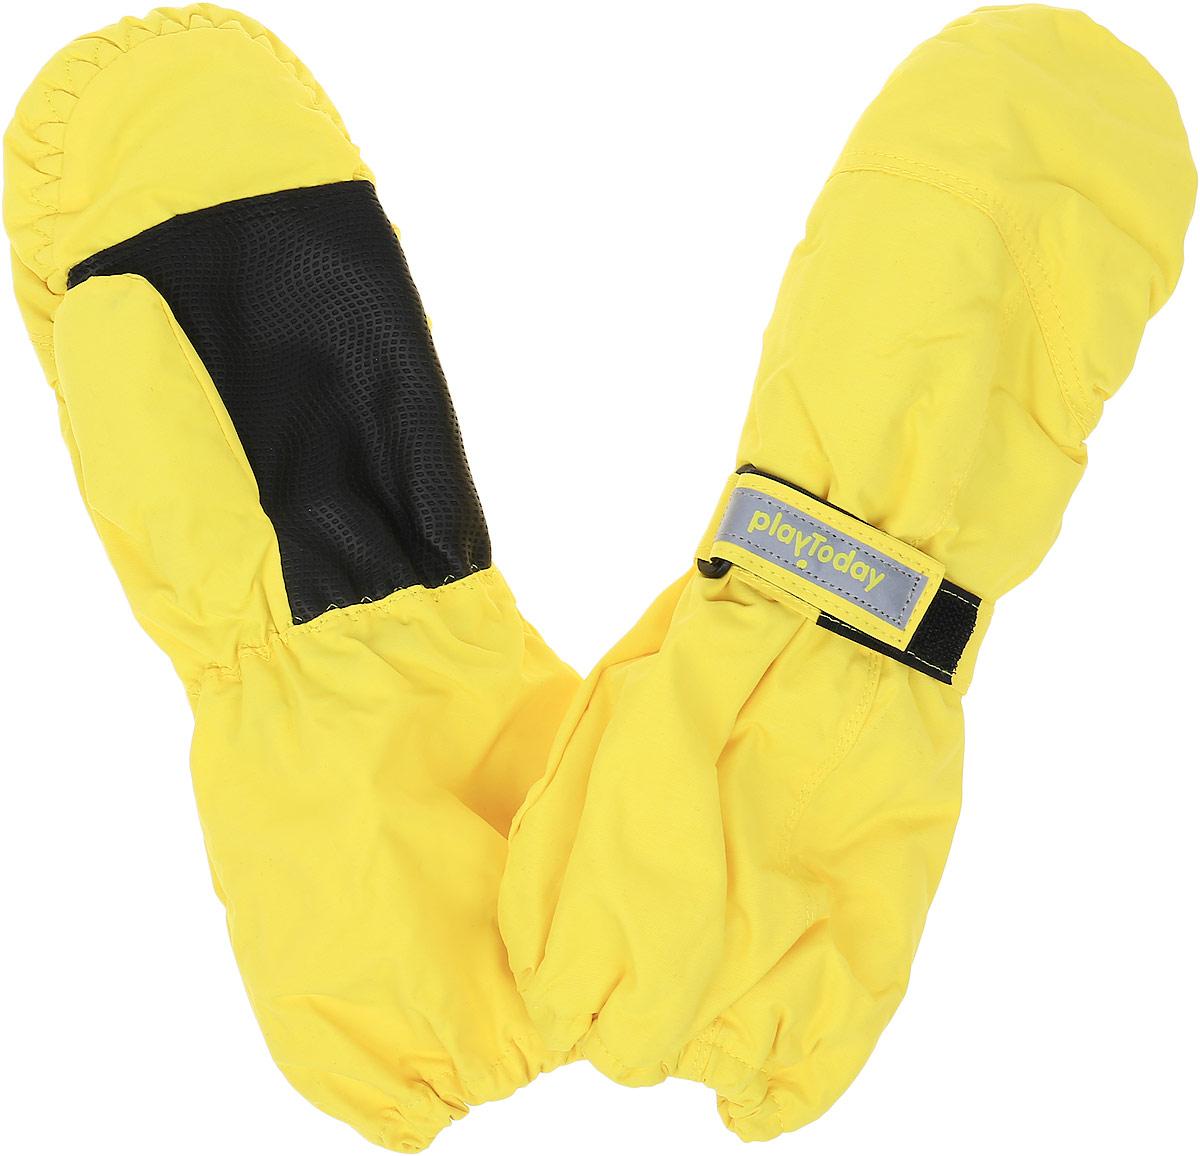 Рукавички362190Яркие рукавицы для девочки PlayToday станут идеальным вариантом для холодной зимней погоды. Они выполнены из современной водонепроницаемой и ветрозащитной ткани. Мягкая подкладка из флиса отлично сохраняет тепло. Утеплителем служит полиэстер, который хорошо удерживает тепло. На запястье каждой варежки расположен небольшой хлястик на липучке, а в верхней части изделия присборены на эластичные резинки. Ладошки дополнены вставкой из усиленного антискользящего материала. В таких рукавицах ручки вашего ребенка всегда будут в тепле.